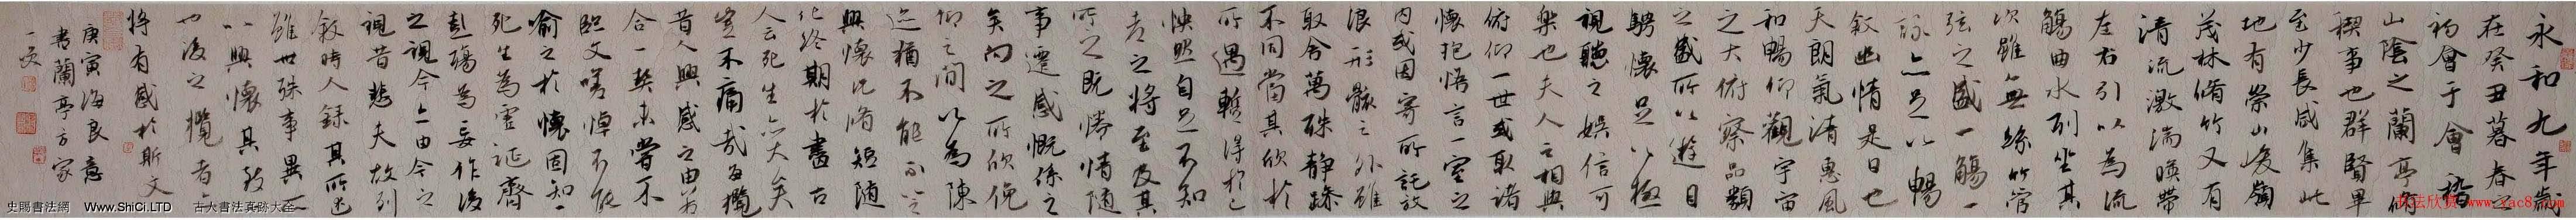 陳海良書法作品真跡欣賞《蘭亭序》(共7張圖片)